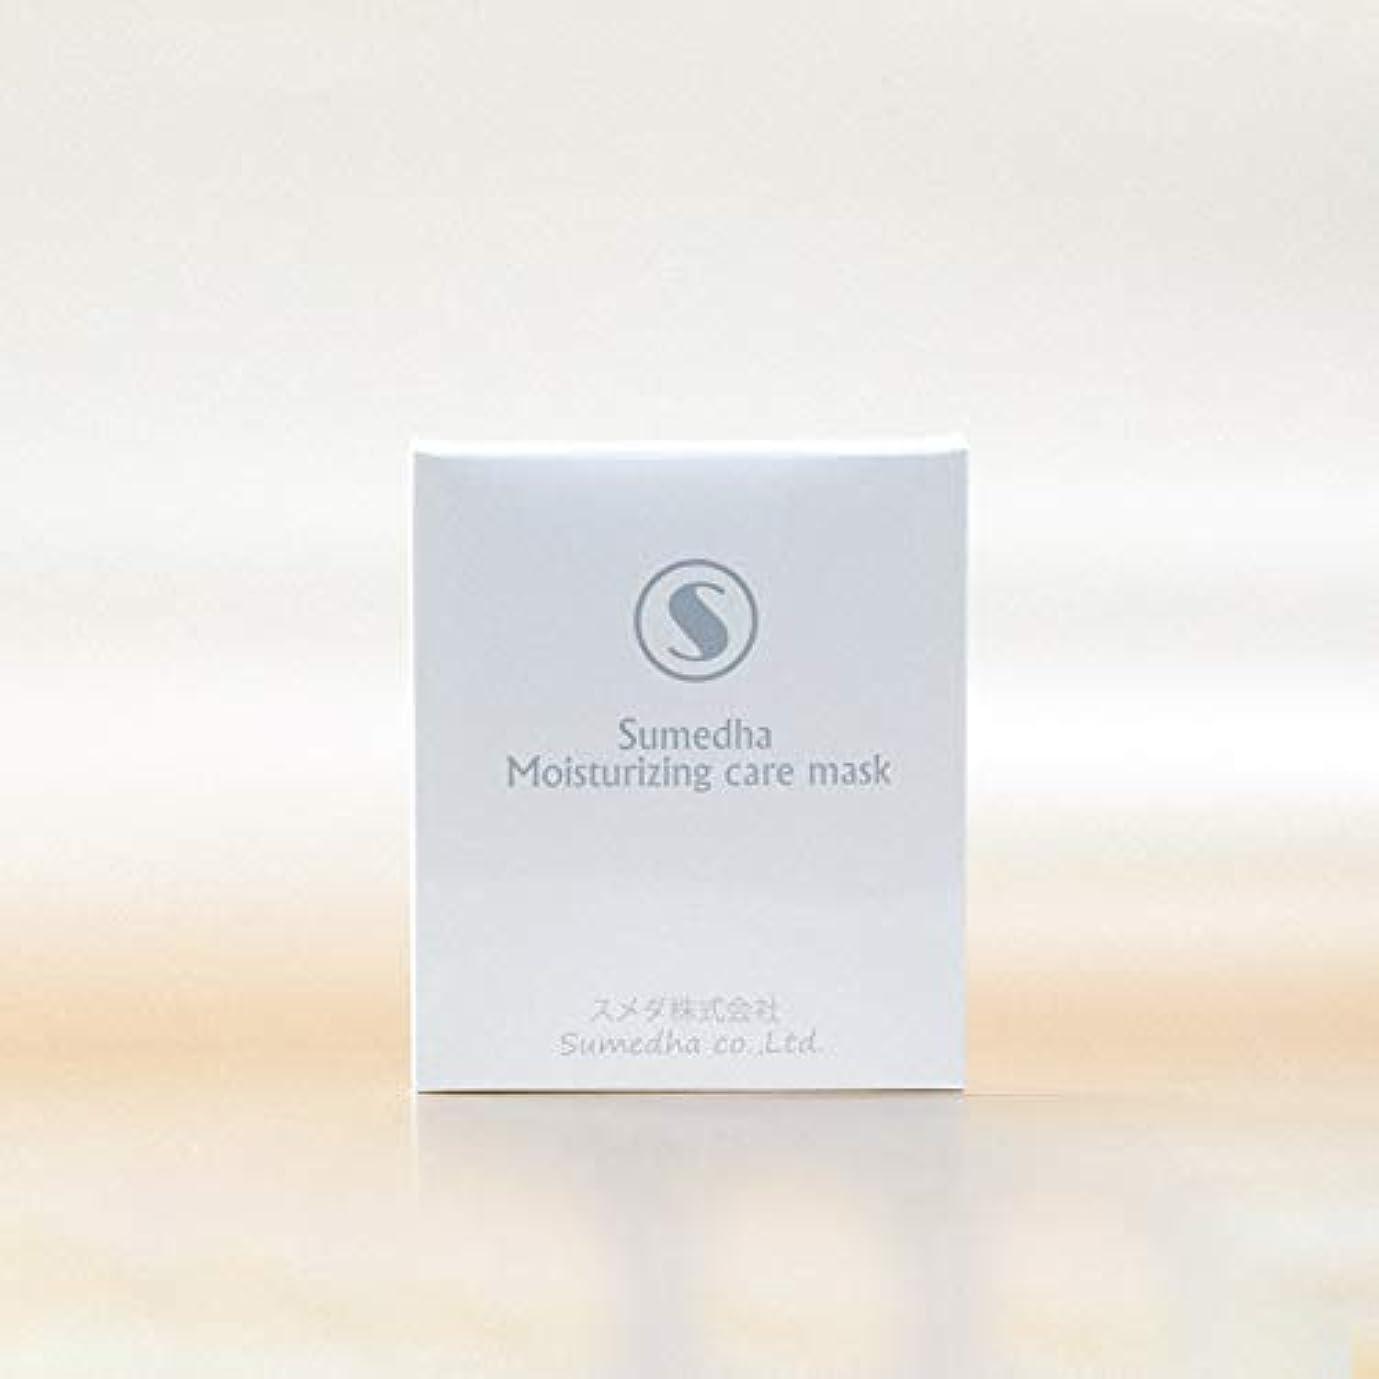 質素なセラフ奪うフェイスマスク Sumedha パック 保湿マスク 日本製 マスク フェイスパック 3枚入り 美白 美容 アンチセンシティブ 角質層修復 保湿 補水 敏感肌 発赤 アレルギー緩和 コーセー (超保湿)